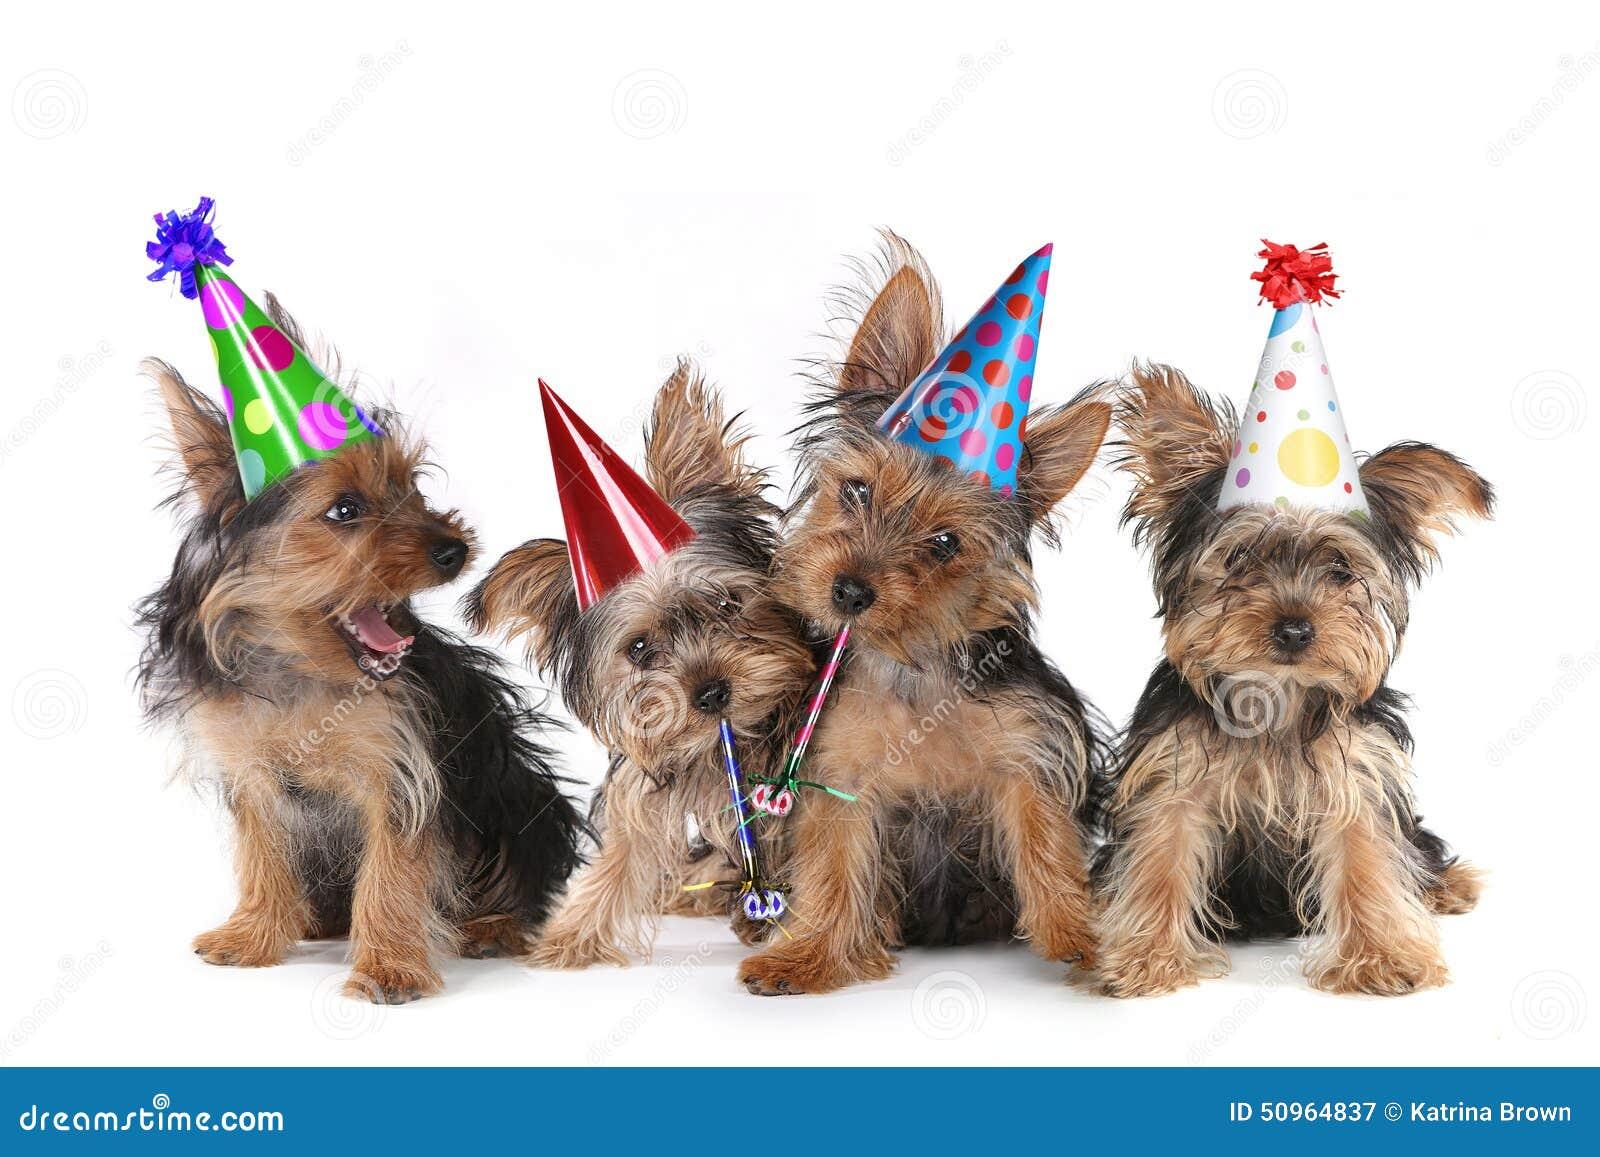 Поздравление с днем рождения с собачками